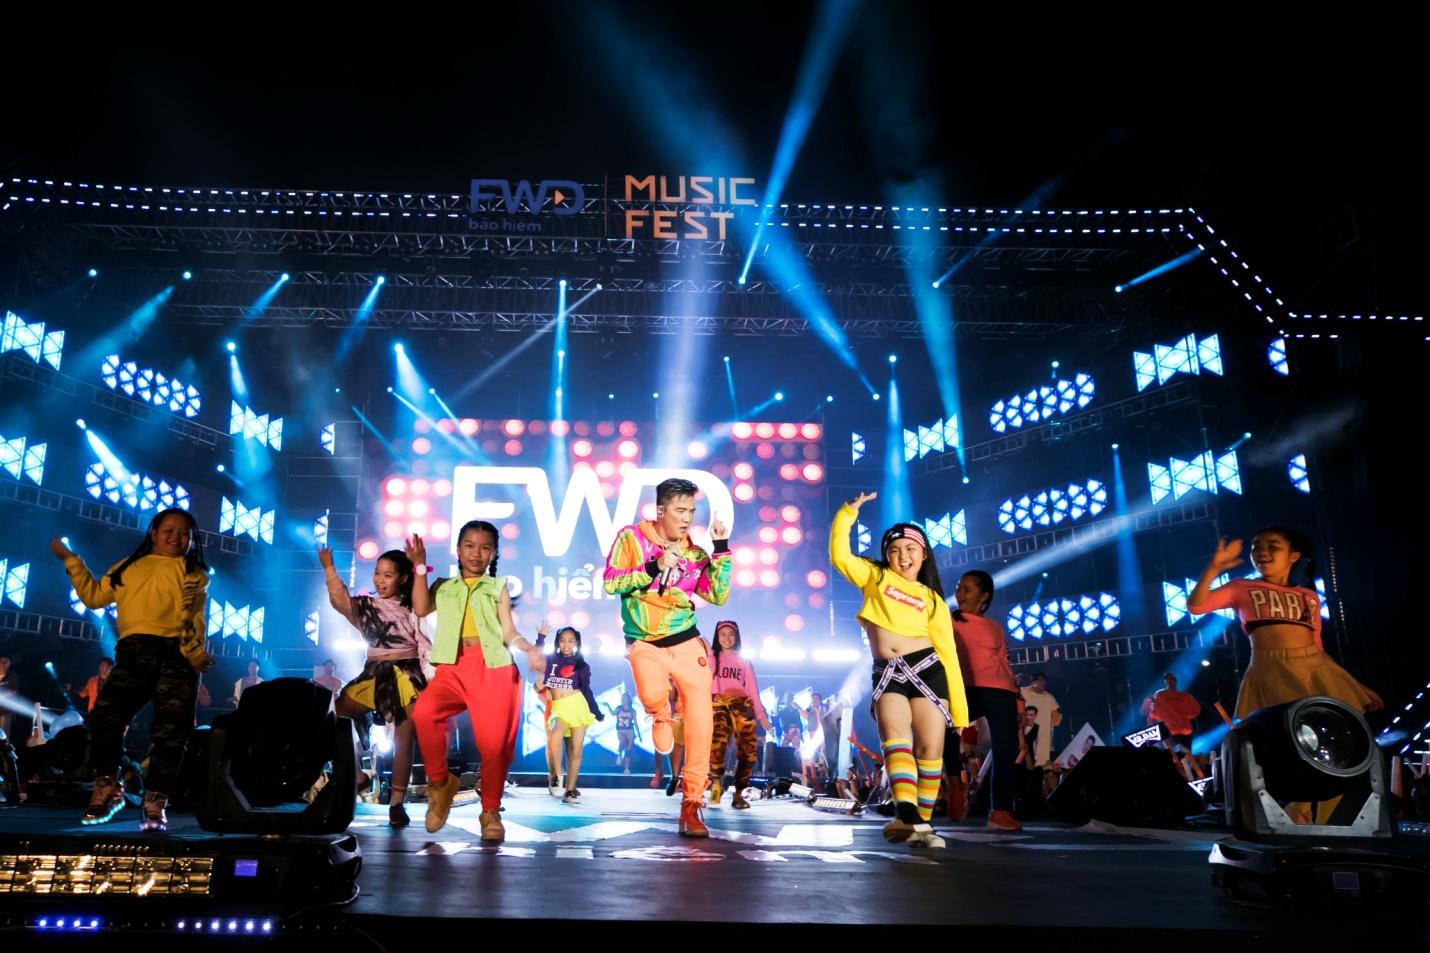 FWD Music Fest thành công mỹ mãn trong sự reo hò của 20.000 khán giả - Ảnh 4.